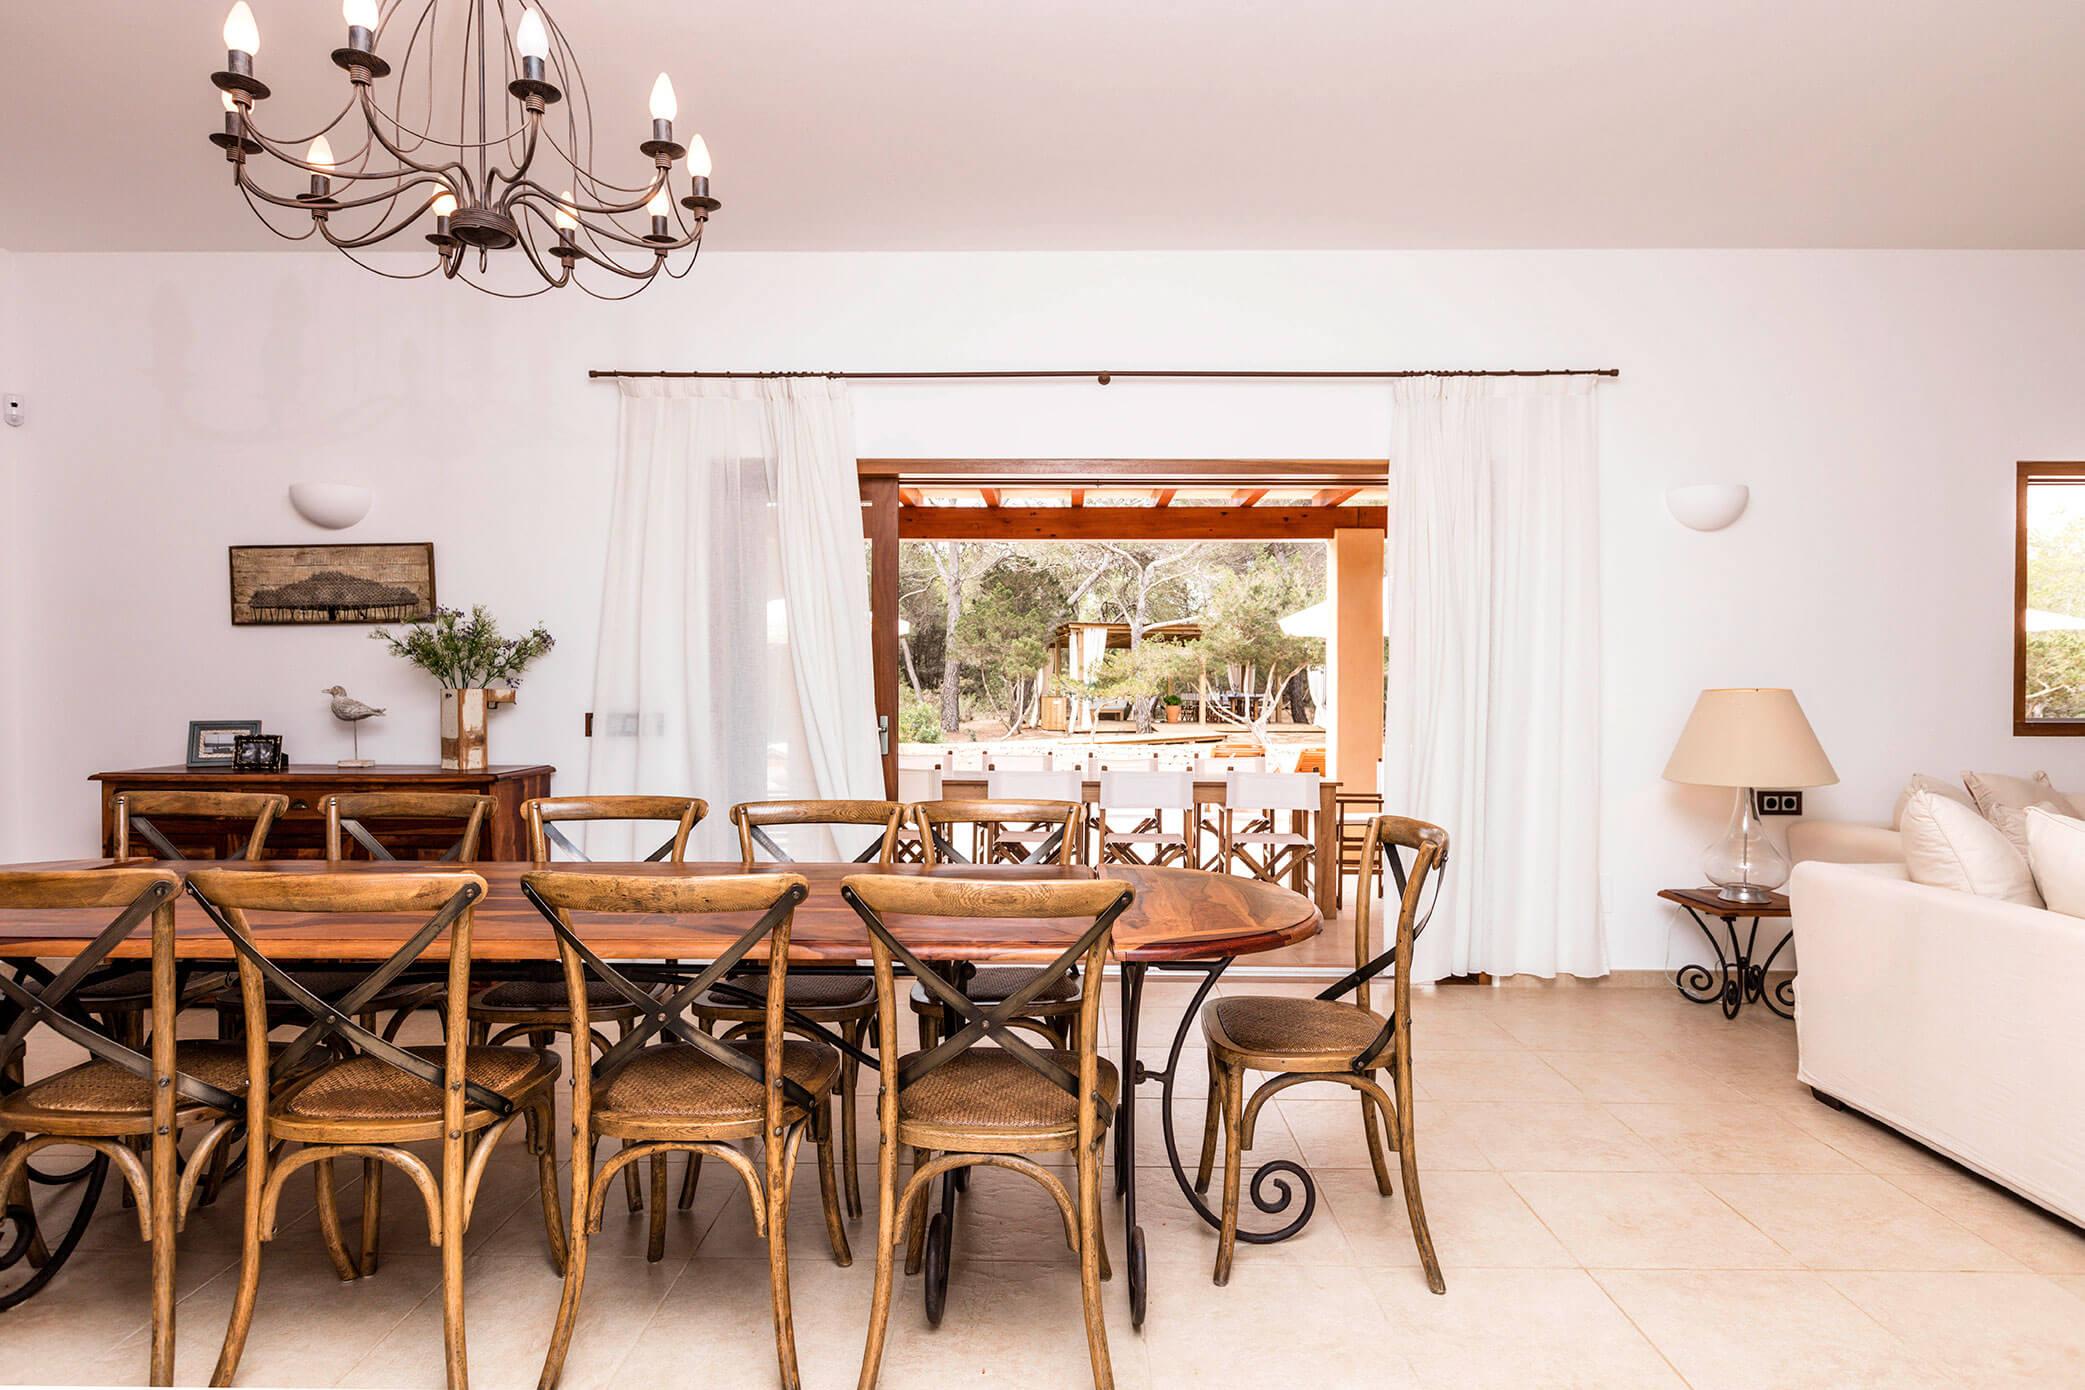 Salón comedor en villa en Formentera. Alojamientos turísticos Cardona en Formentera.